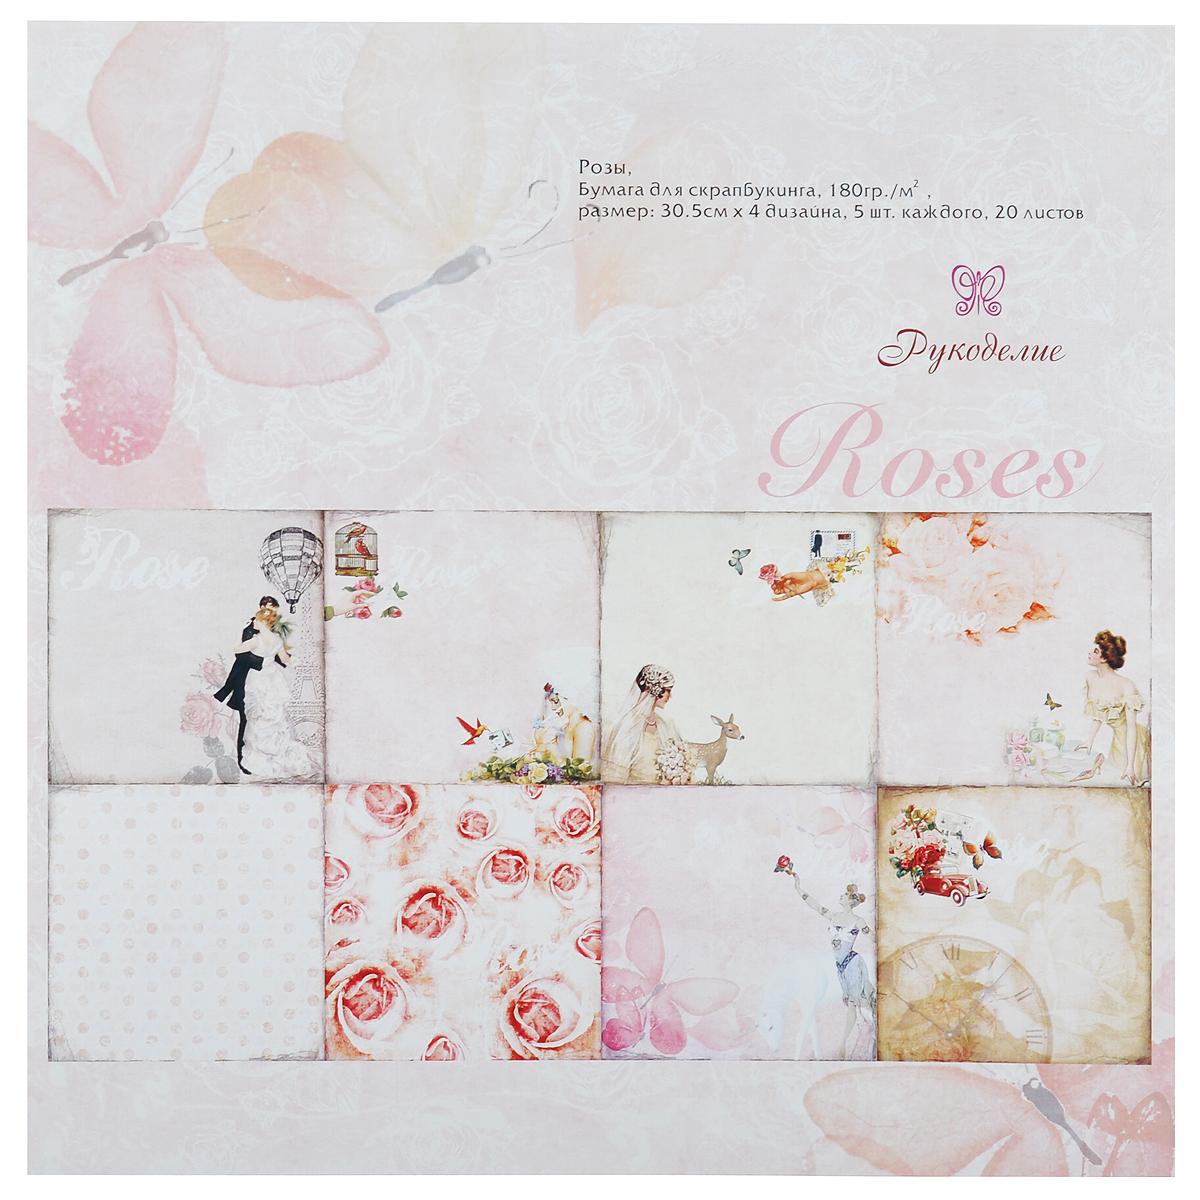 Набор бумаги для скрапбукинга Розы, 30,5 см х 30,5 см, 20 листов55052Набор бумаги для скрапбукинга Розы позволит создать красивый альбом, фоторамку или открытку ручной работы, оформить подарок или аппликацию. Набор включает 20 листов из плотной бумаги: 4 дизайна по 5 листов. Листы с двухсторонним рисунком. Скрапбукинг - это хобби, которое способно приносить массу приятных эмоций не только человеку, который этим занимается, но и его близким, друзьям, родным. Это невероятно увлекательное занятие, которое поможет вам сохранить наиболее памятные и яркие моменты вашей жизни, а также интересно оформить интерьер дома.Размер бумаги: 30,5 см х 30,5 см. Плотность бумаги: 180 г/м2.